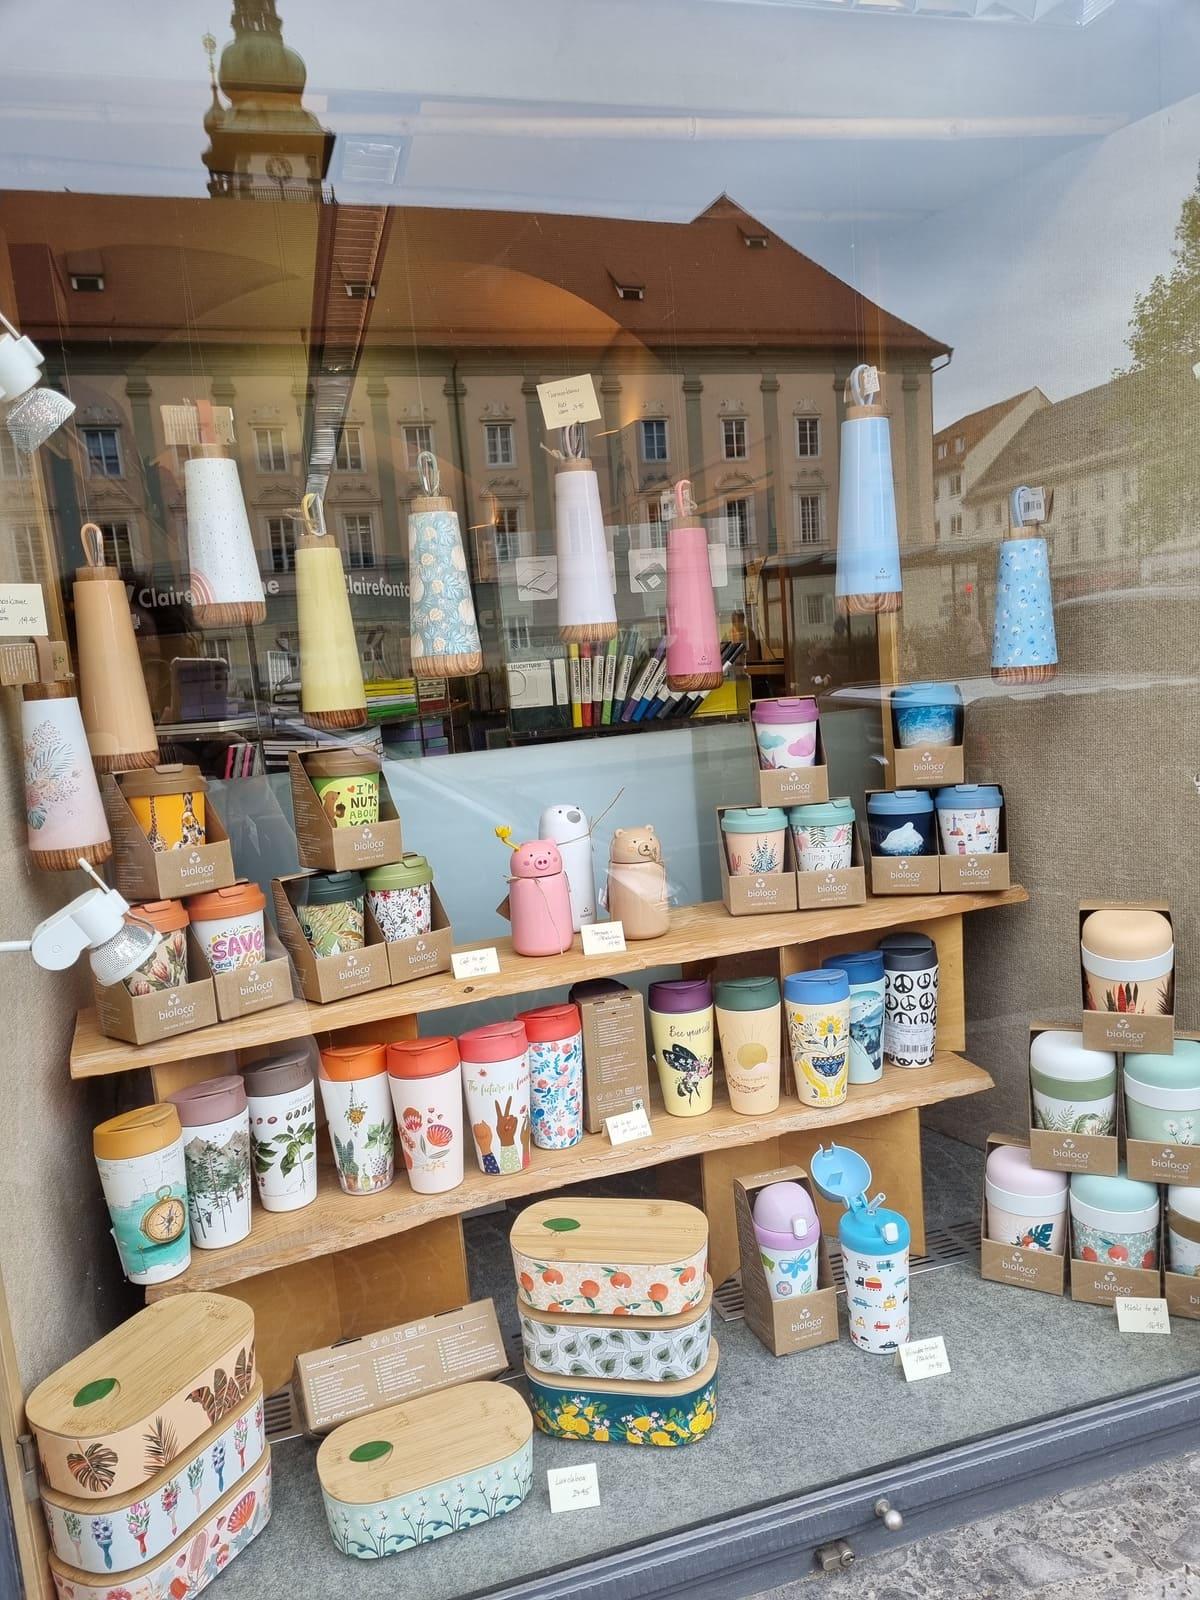 Schaufenster der Kärntner Buchhandlung mit vielen Schulartikeln zum Schulbeginn: Trinkflaschen, Jausenboxen, Warmhaltegefäße, Teebecher, Kaffeebecker